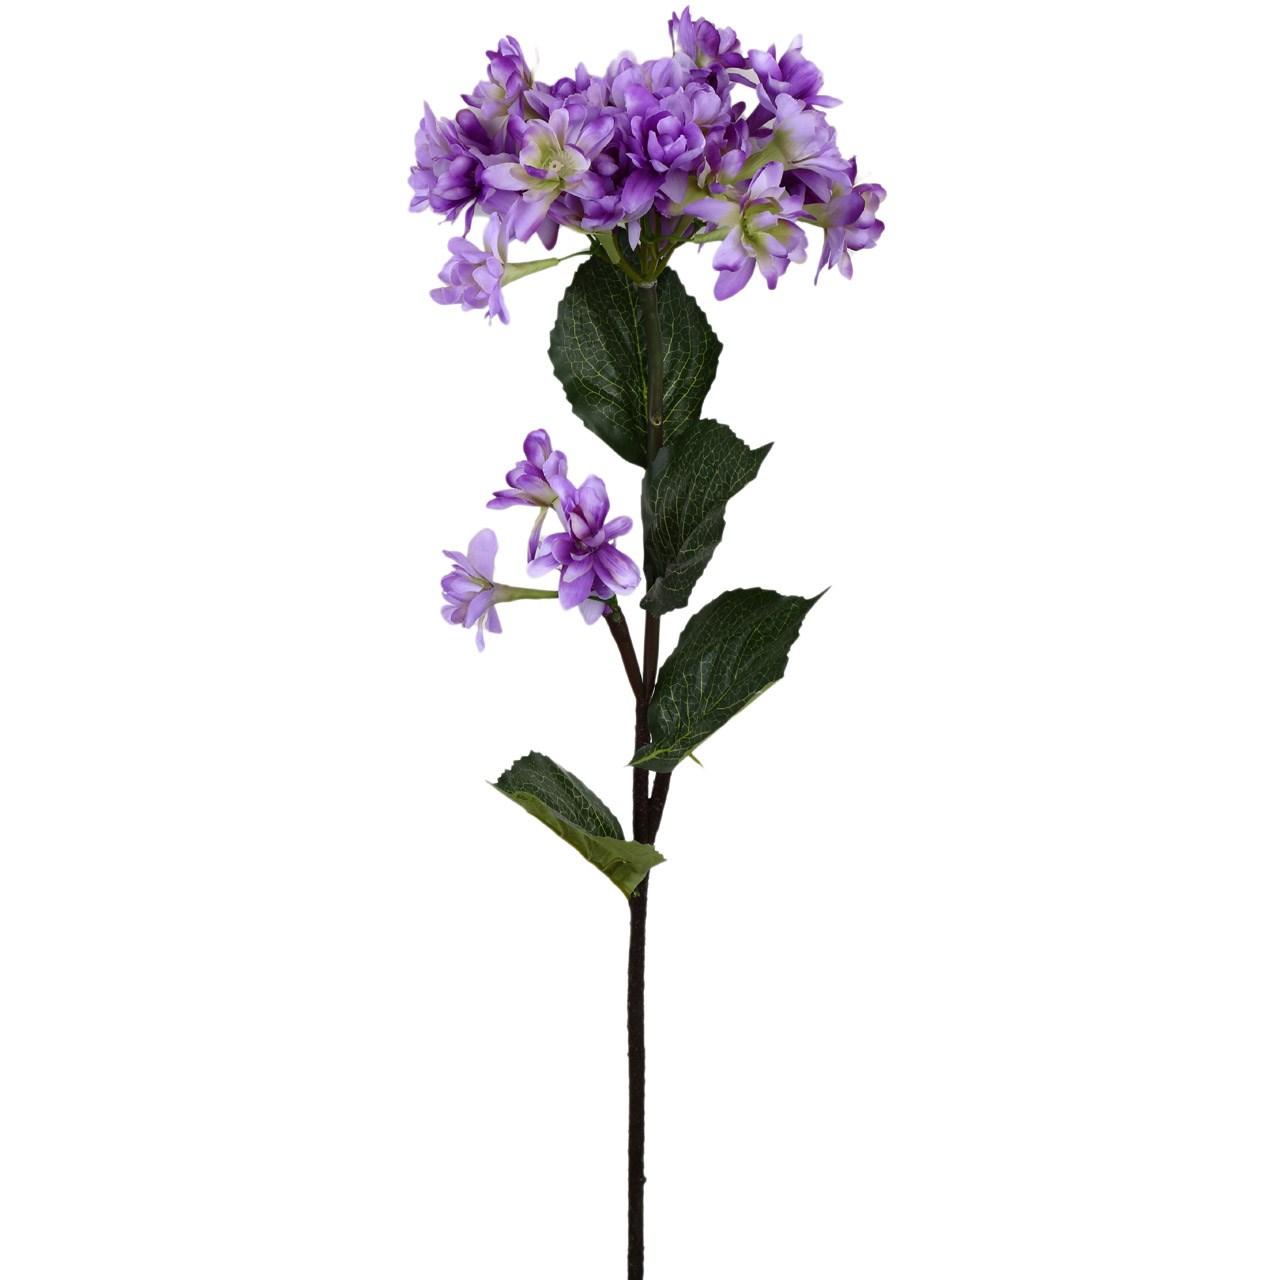 گل مصنوعی هومز طرح آرتازیا مدل 70019 مجموعه 2 عددی